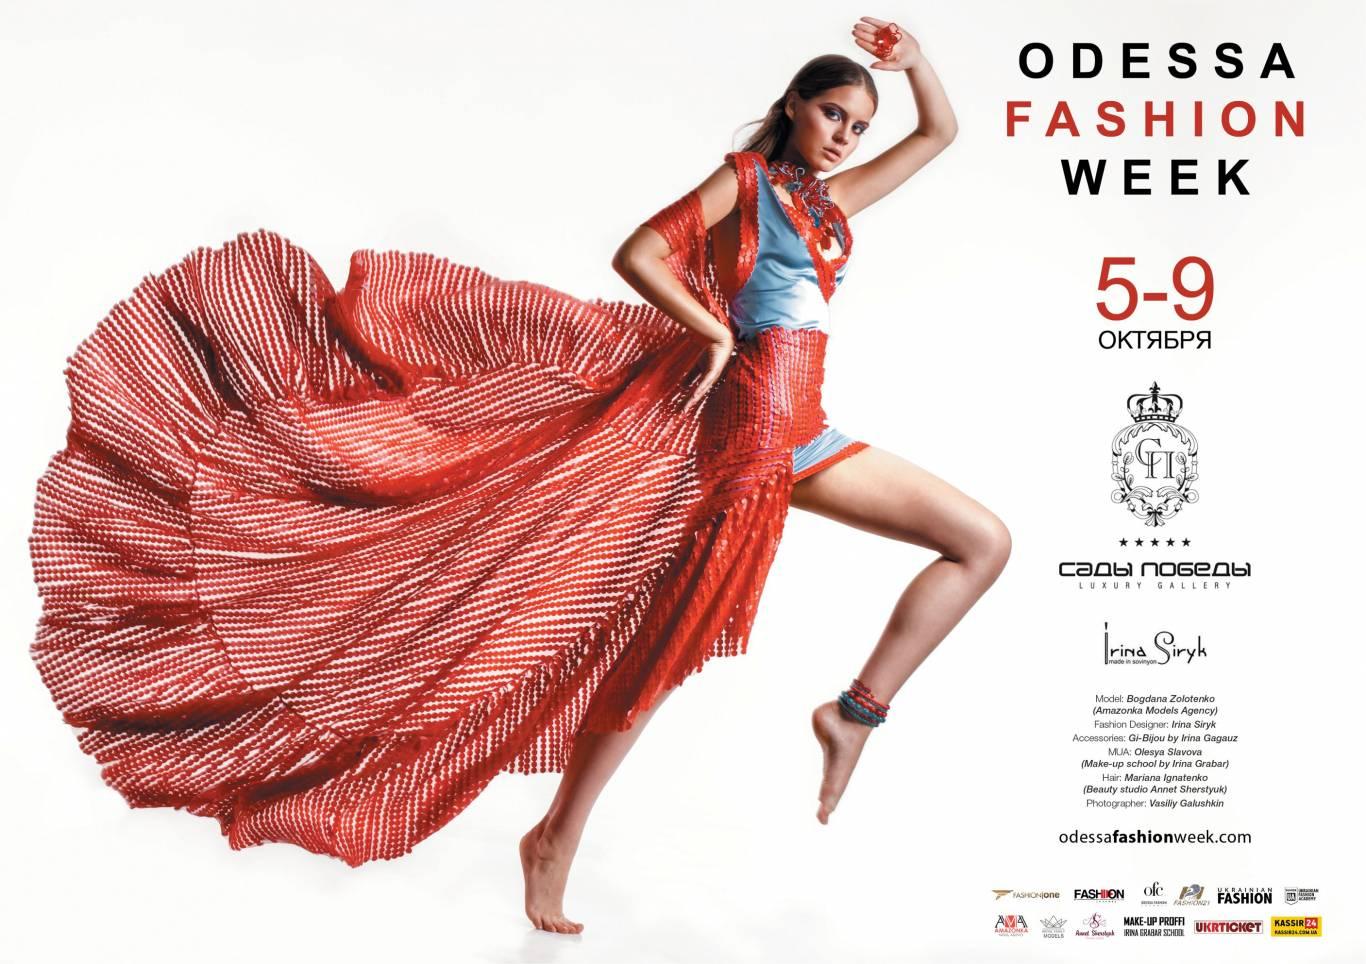 Odessa Fashion Week SS 2018